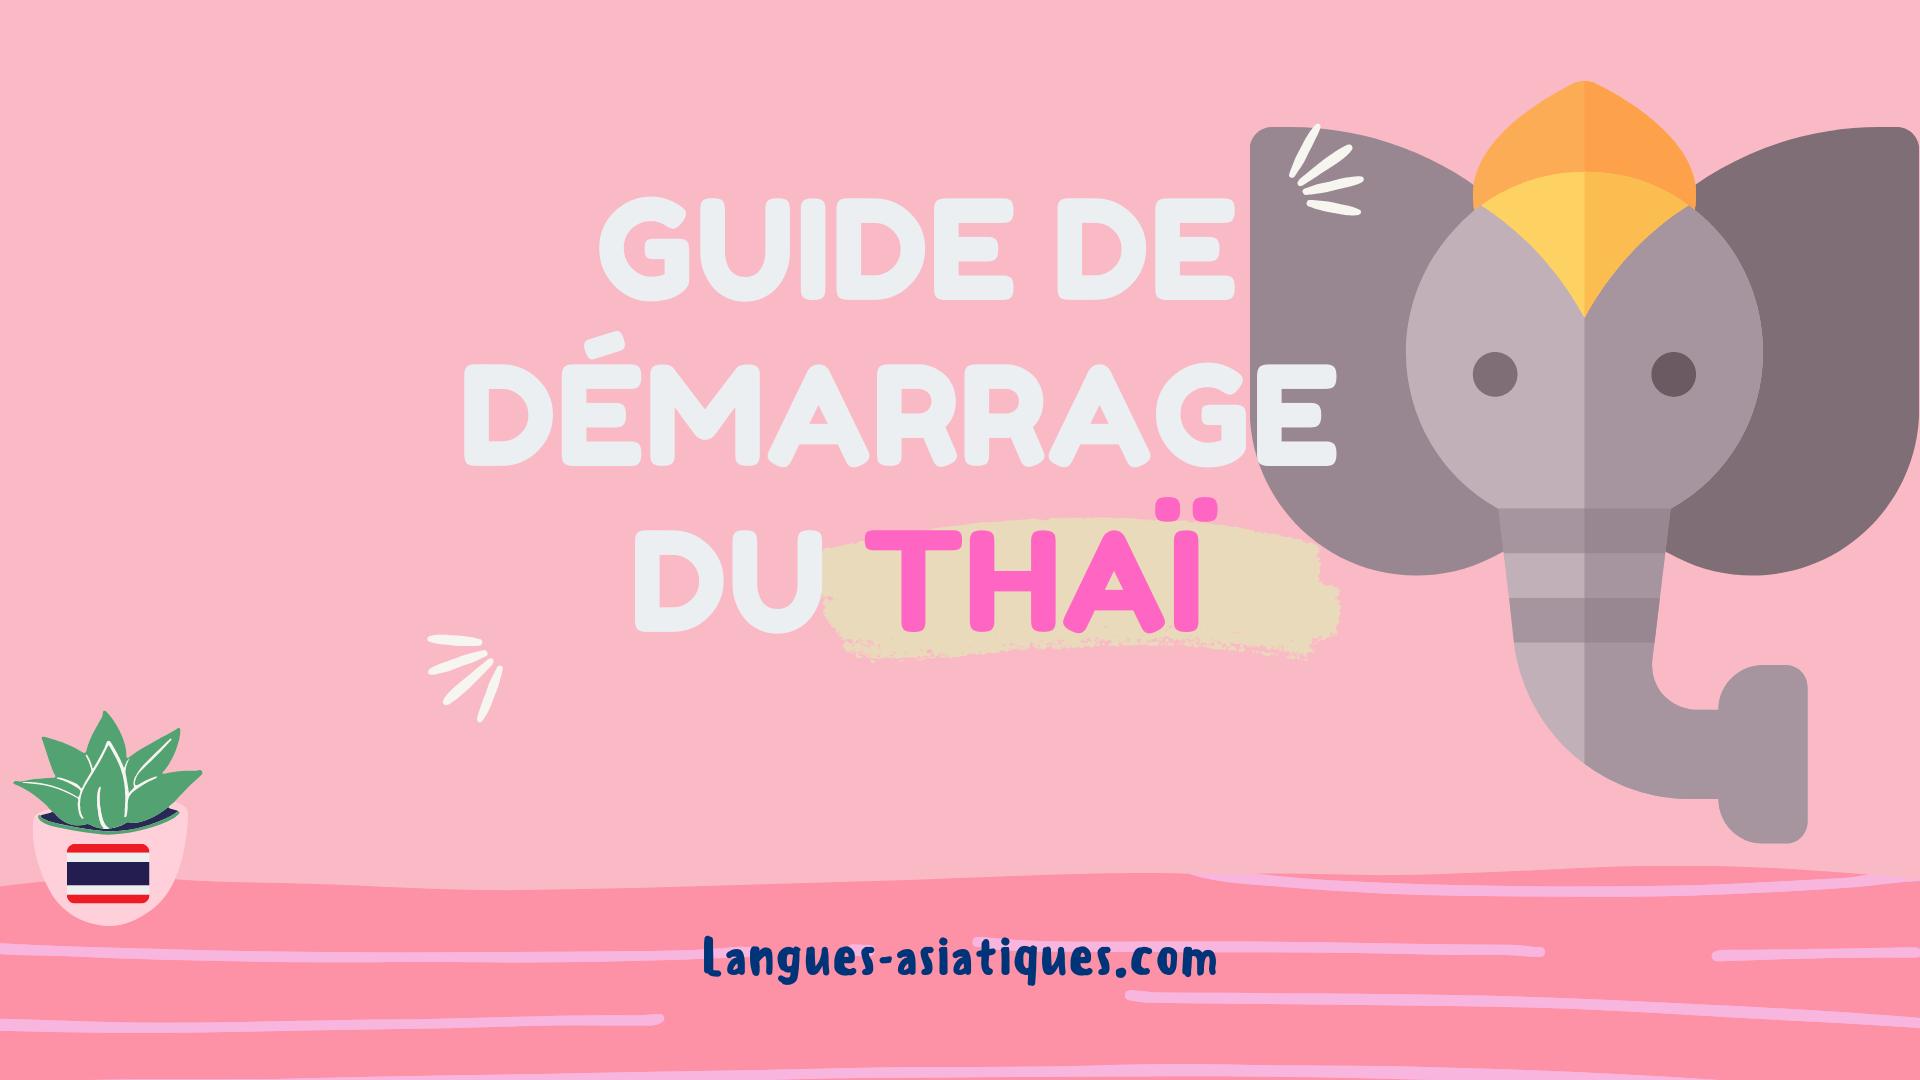 guide de demarrage en thai